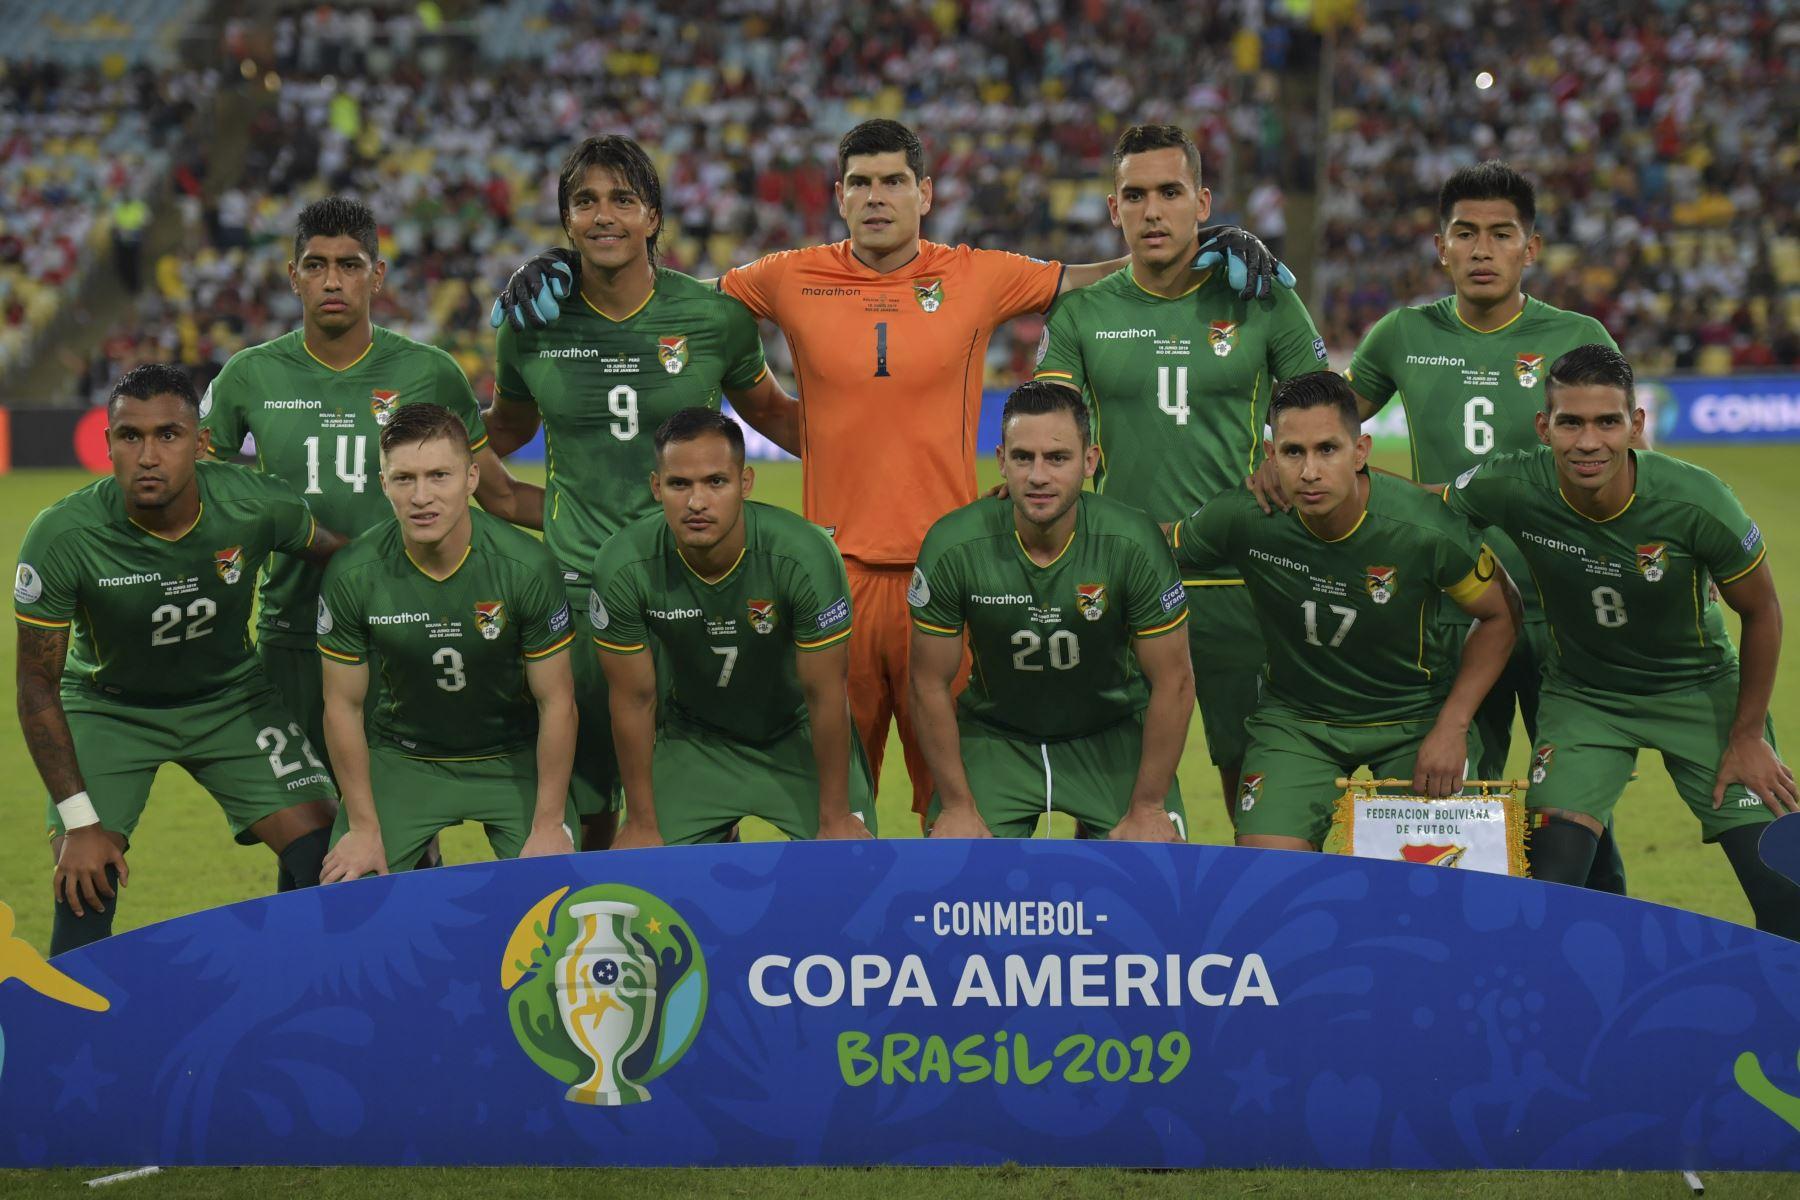 Los jugadores de Bolivia posan para las fotos antes de su partido de torneo de fútbol de Copa América contra Perú en el Estadio Maracaná de Río de Janeiro, Brasil. Foto: AFP